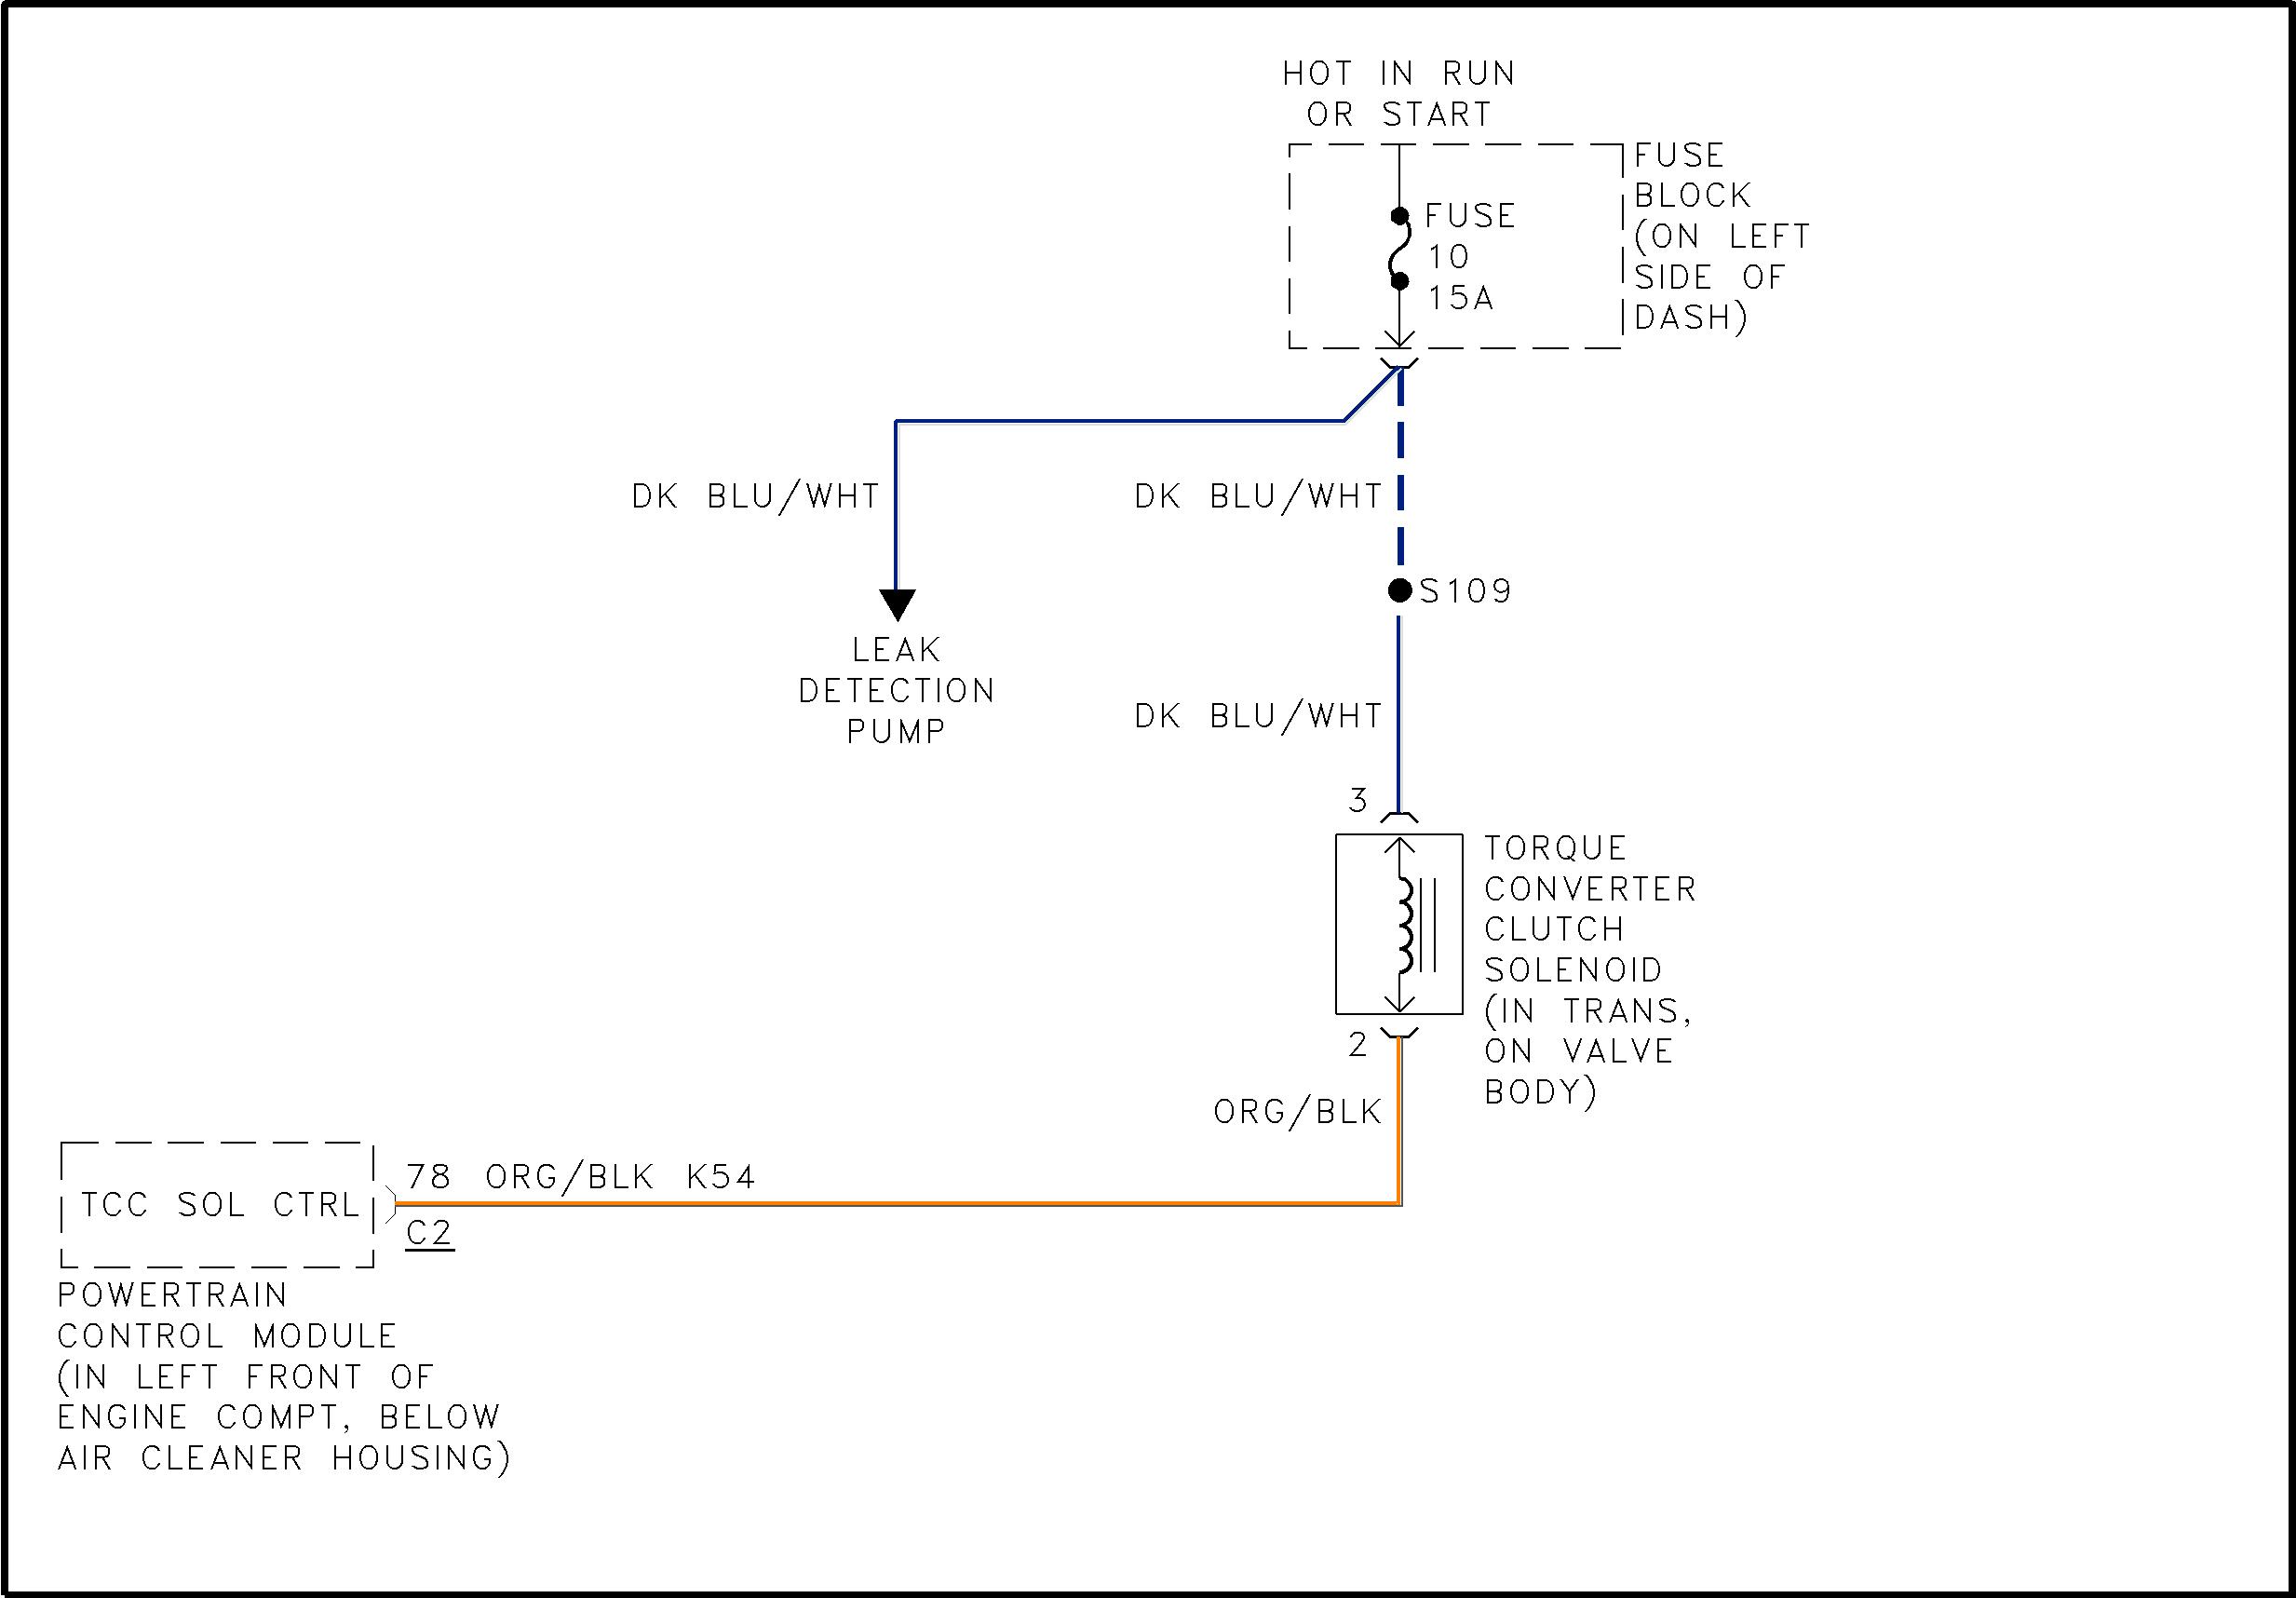 3e418c4d-3fc5-4636-a2ae-791eaffbc8f7_neontcc.png